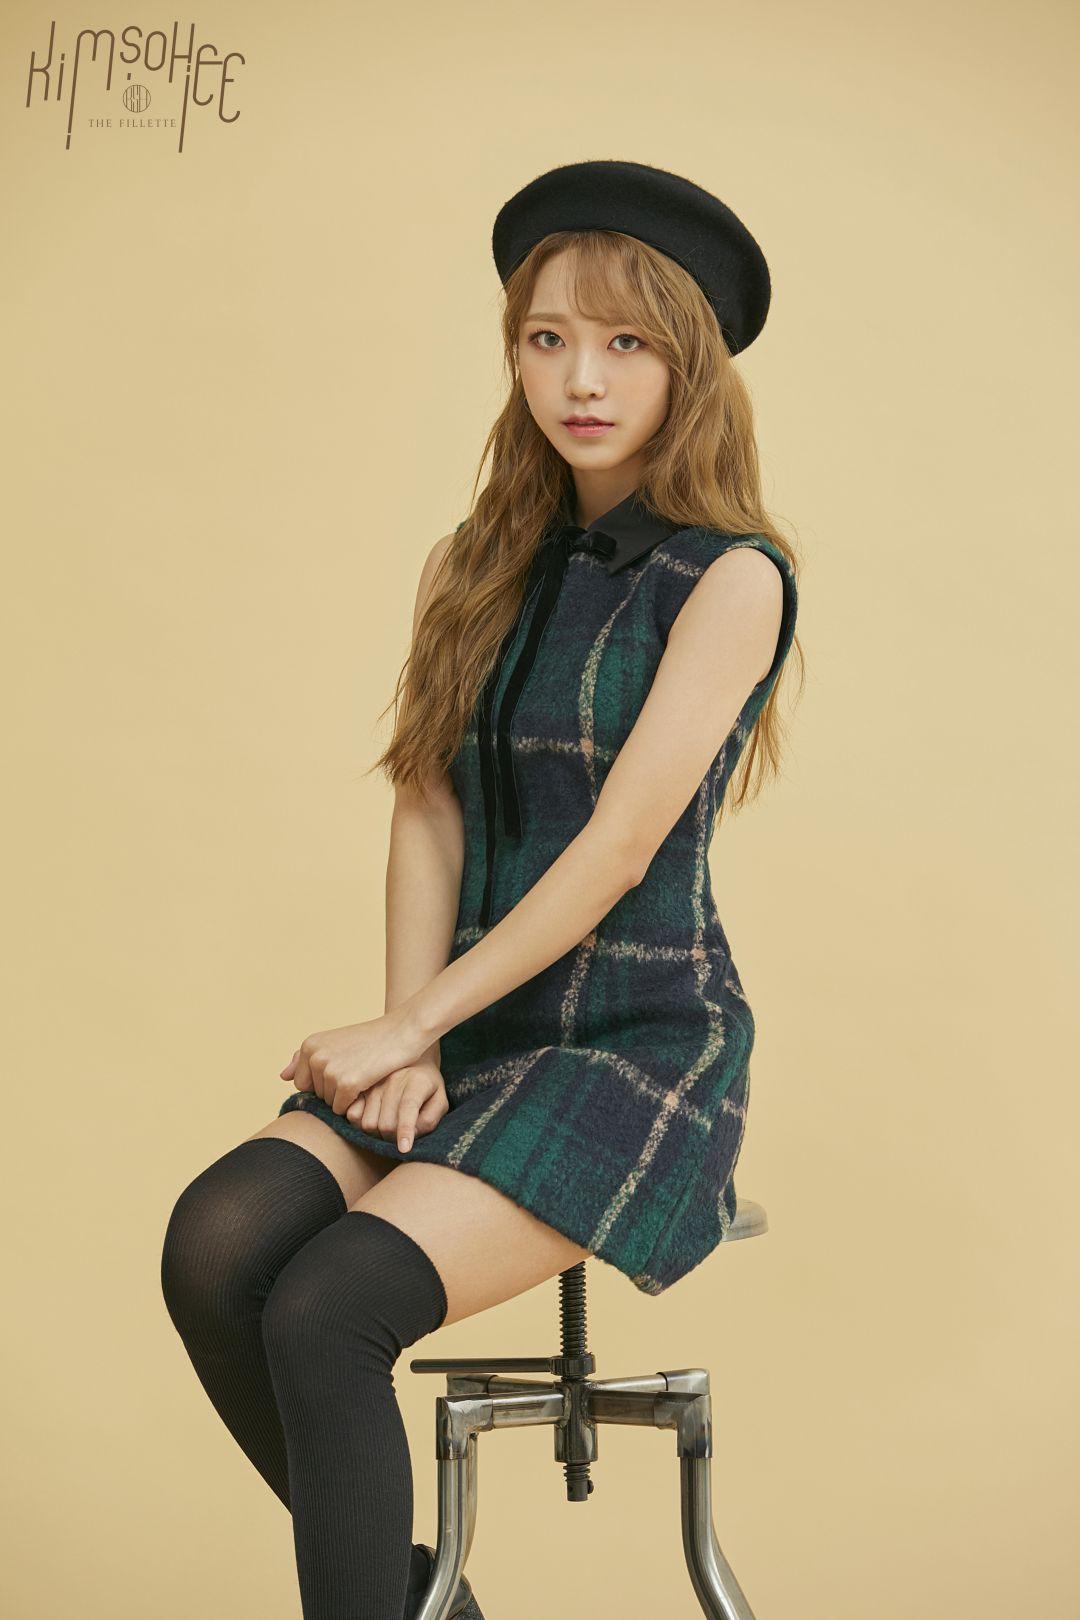 Kim_Sohee_the_fillette